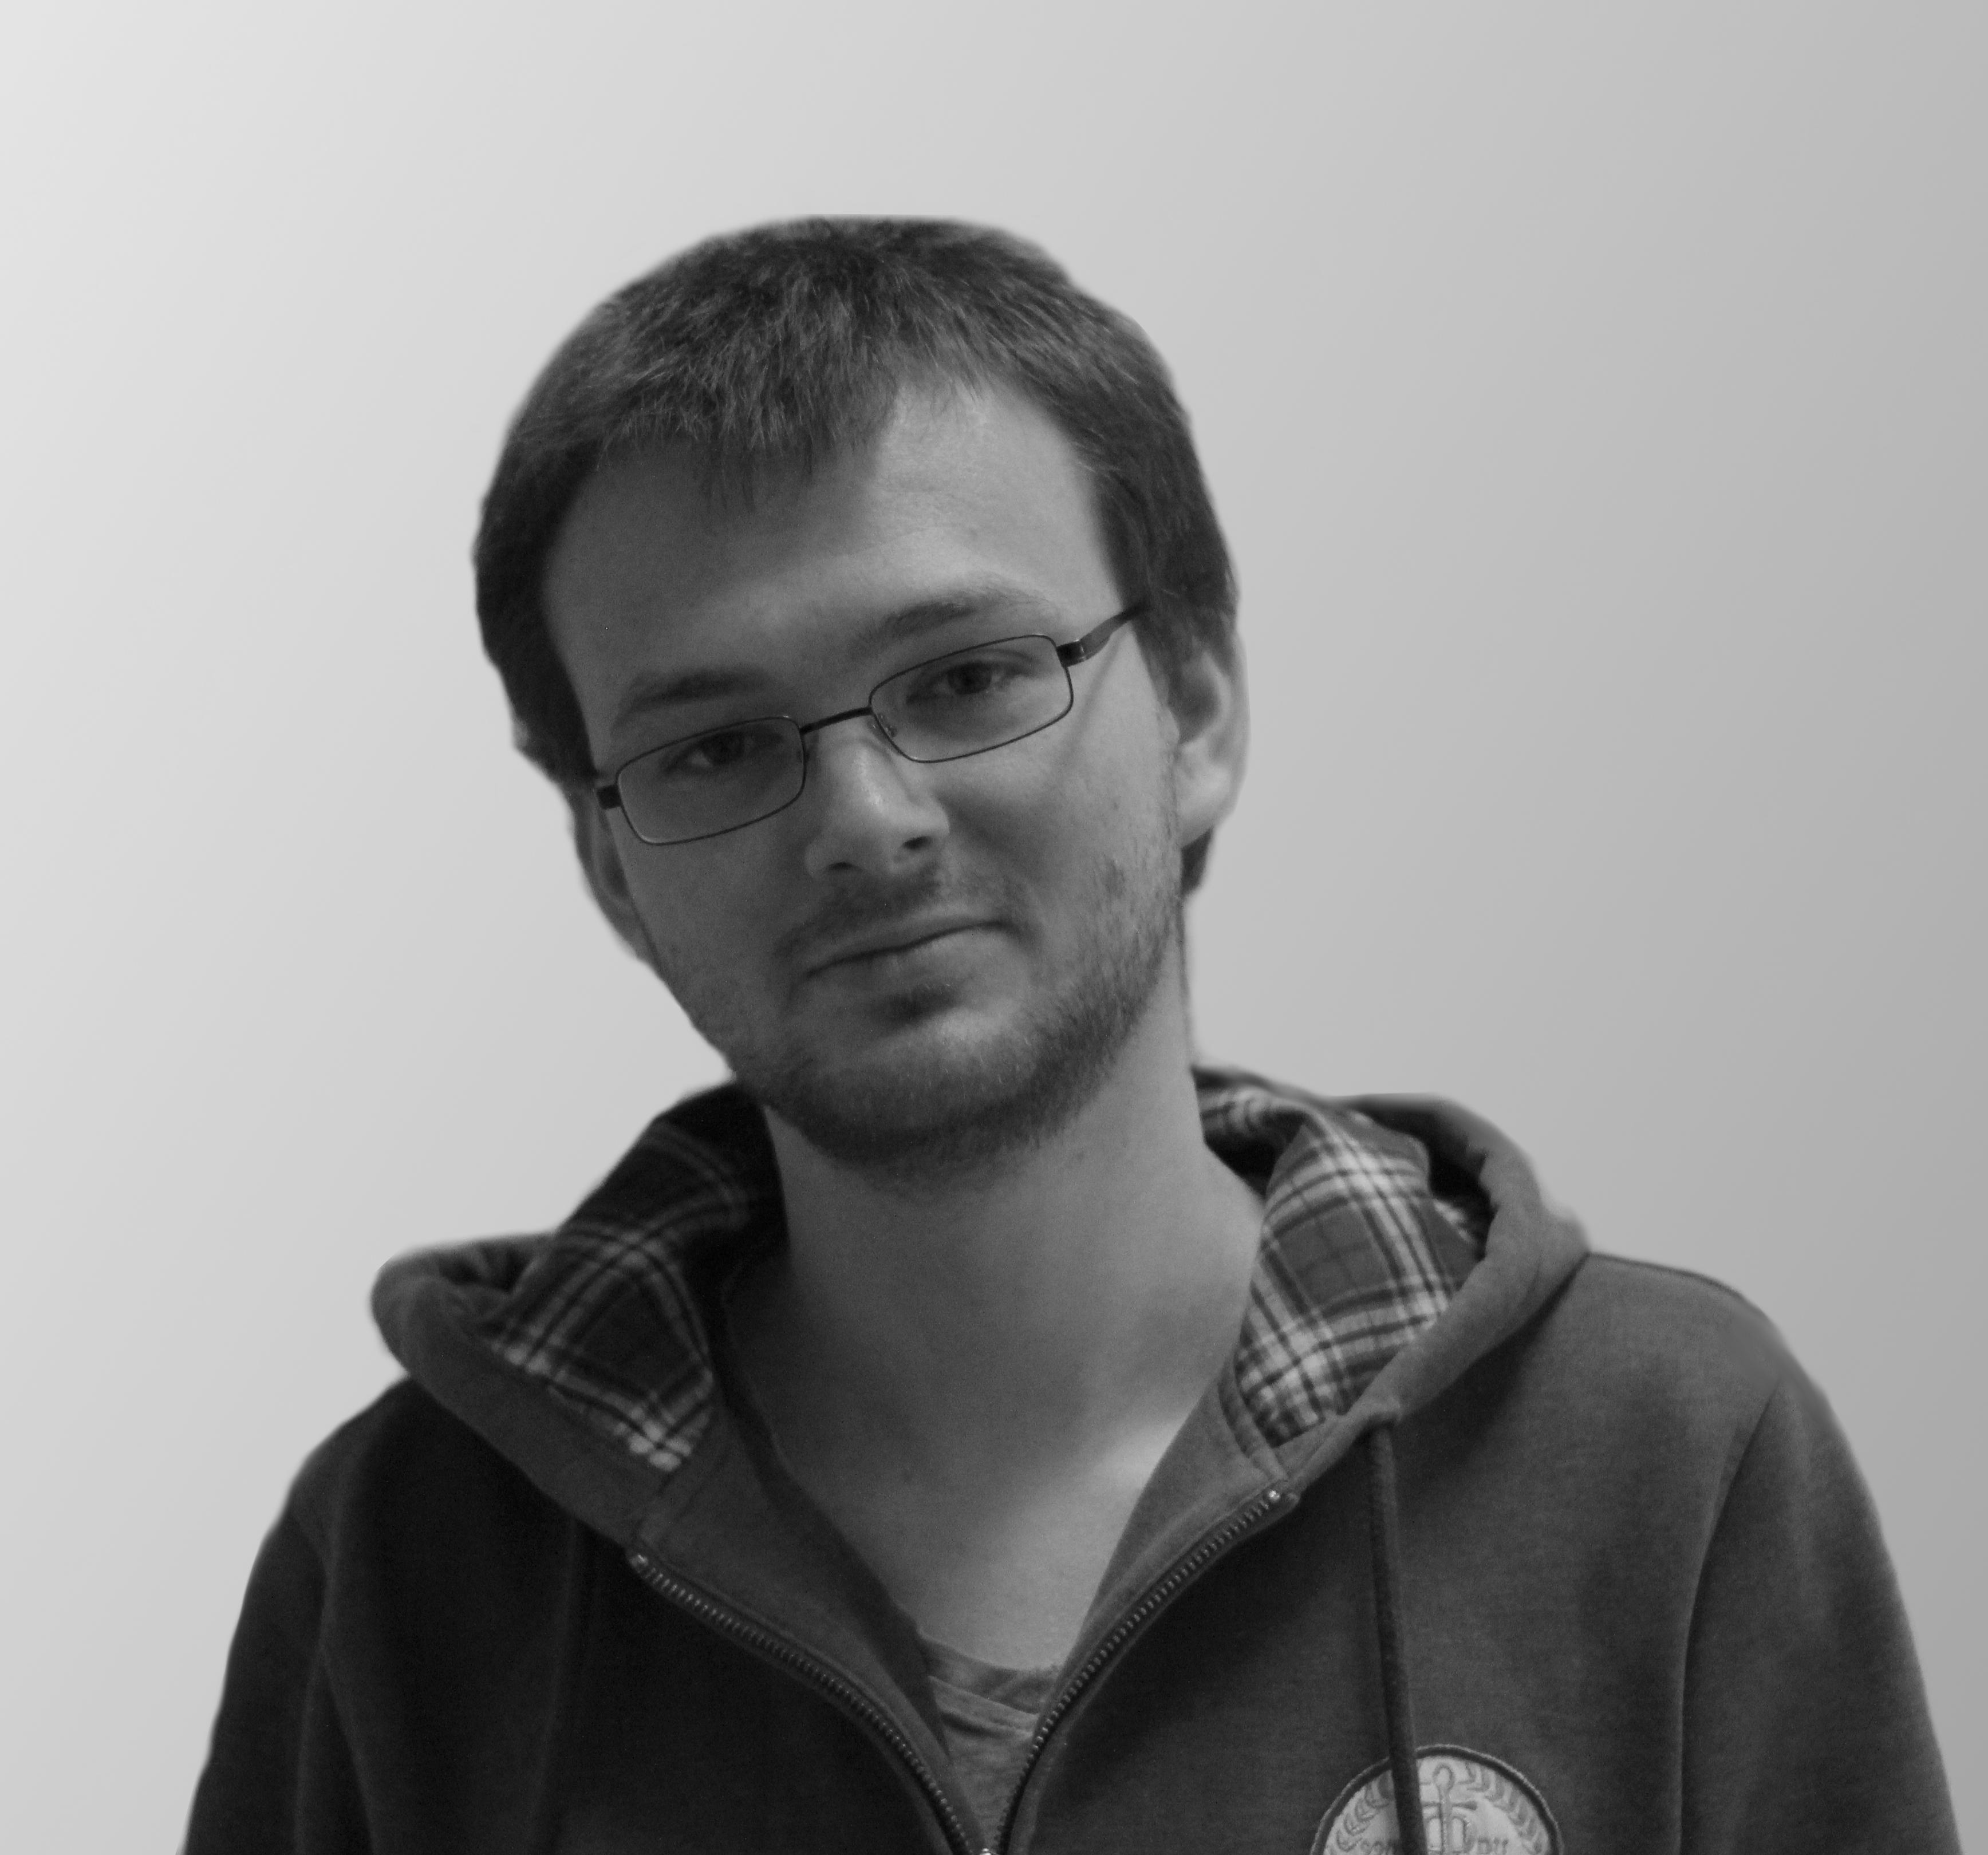 Oskar Taubert